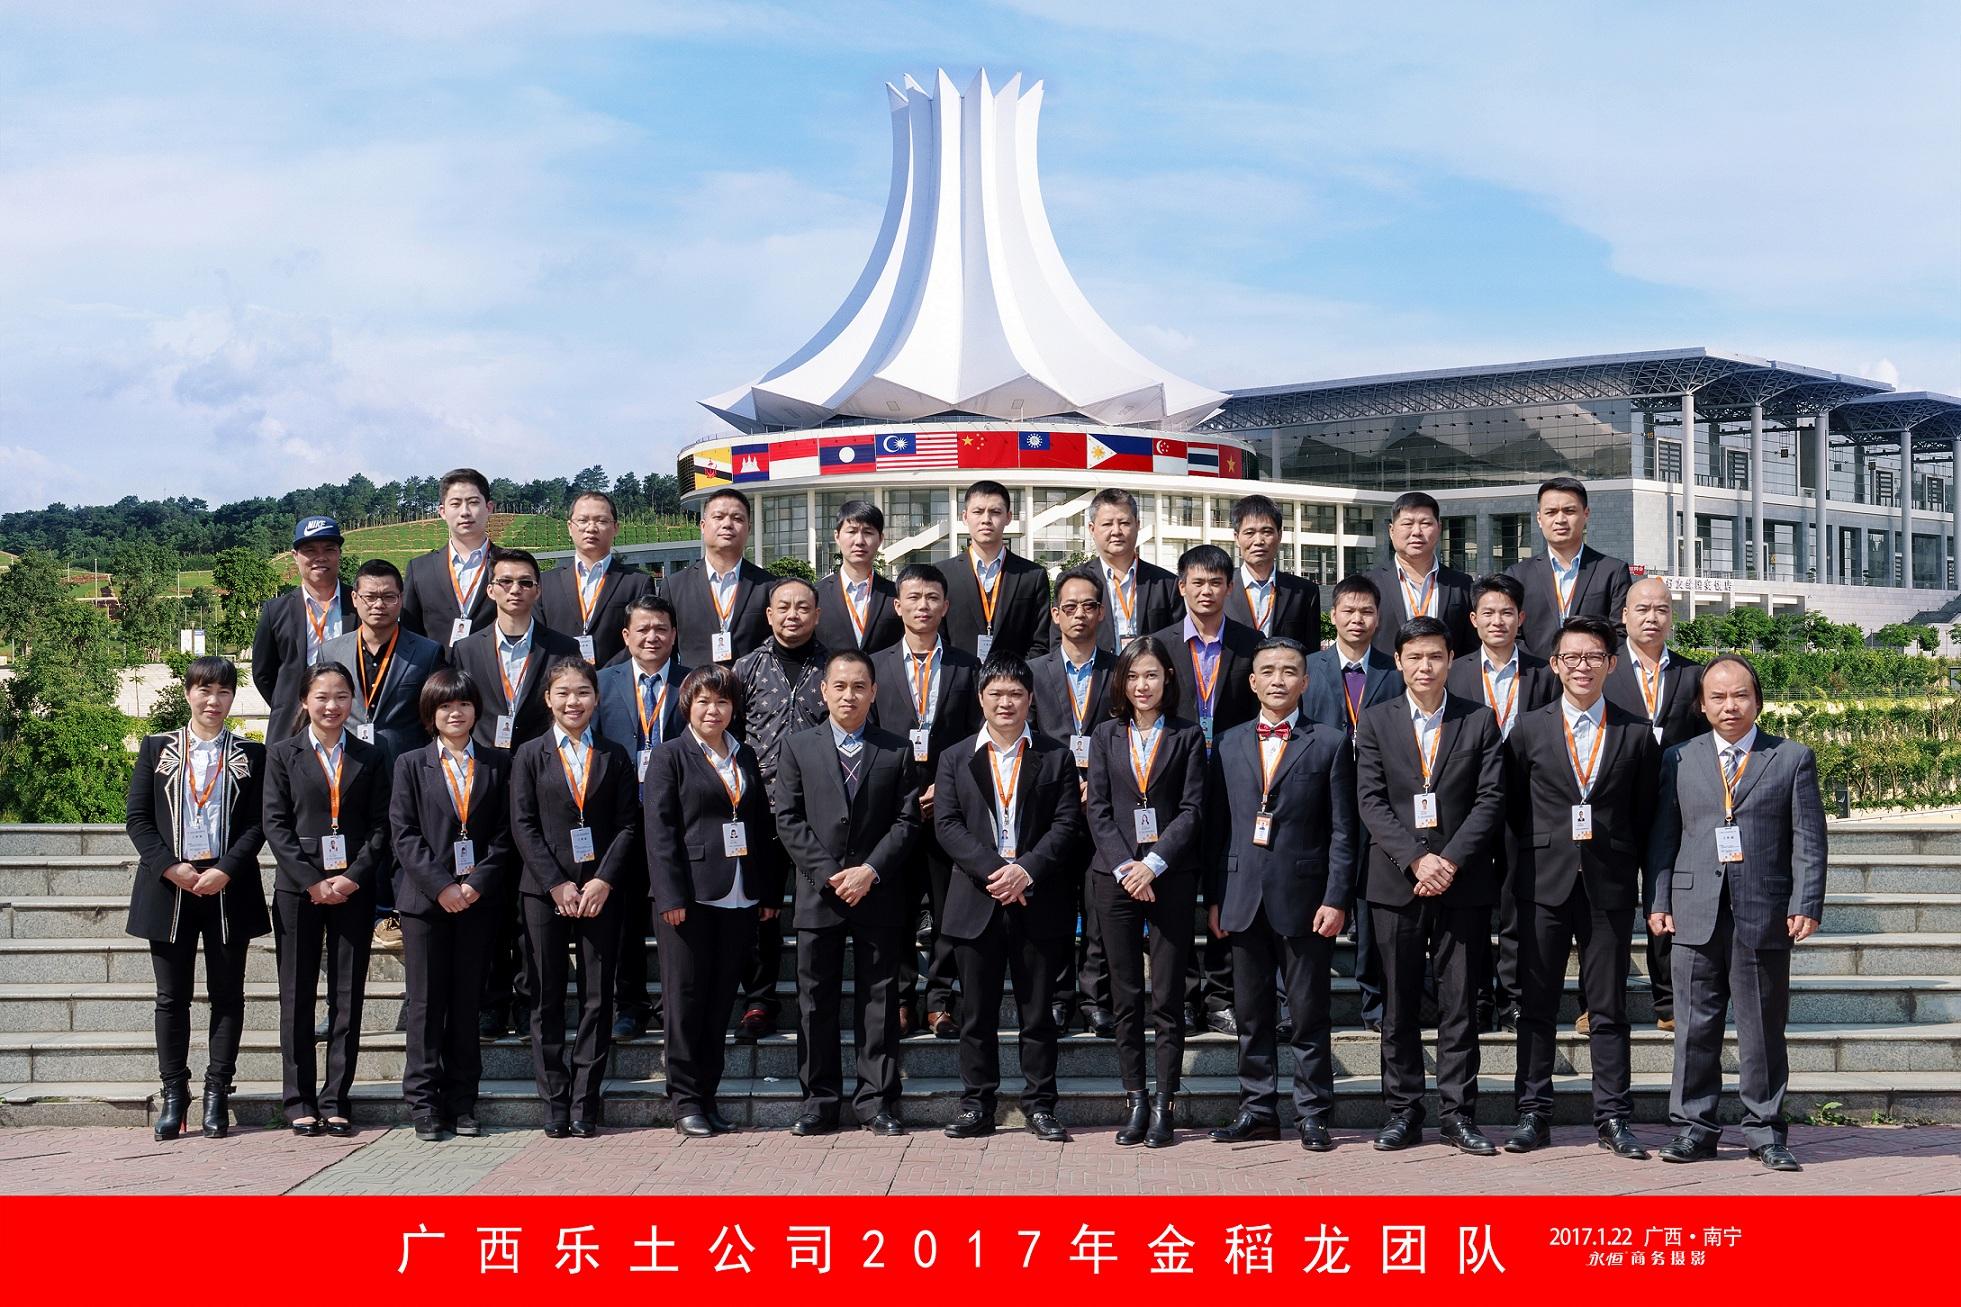 2017年金稻龙团队-1.jpg